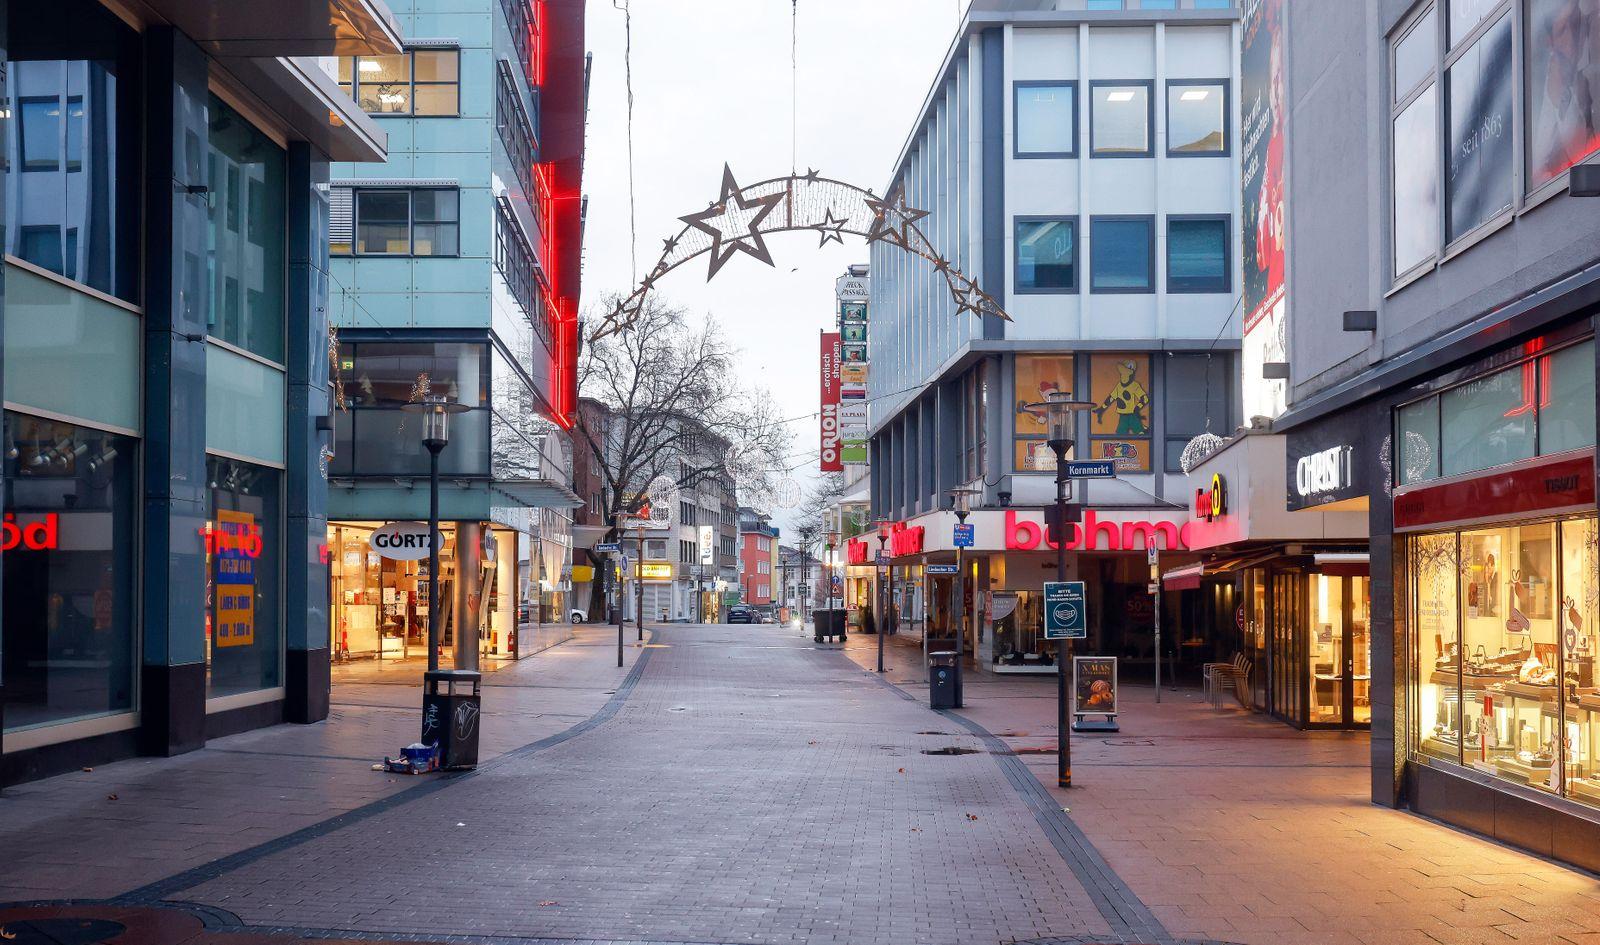 Essen, Ruhrgebiet, Nordrhein-Westfalen, Deutschland - Essener Innenstadt in Zeiten der Coronakrise beim zweiten Lockdown